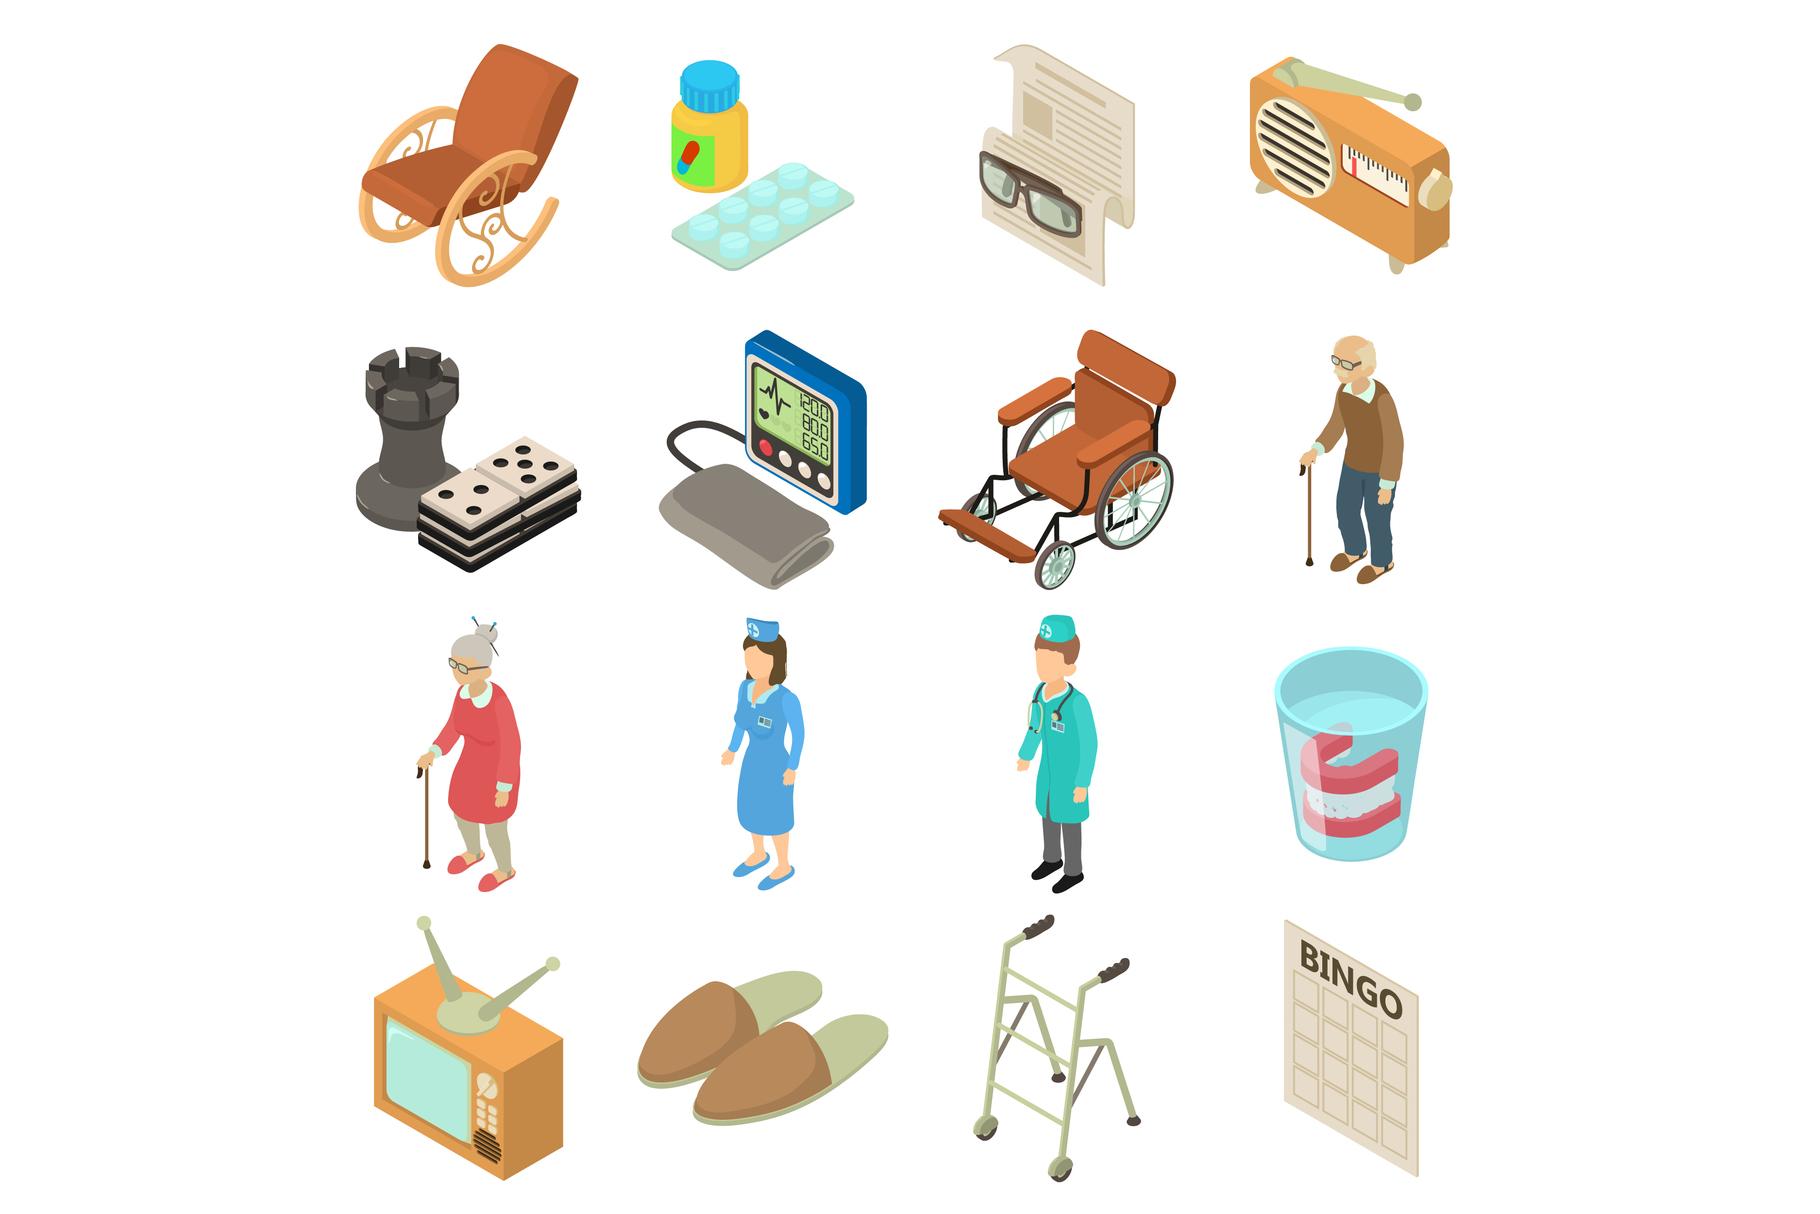 Nursing home icons set, isometric style example image 1